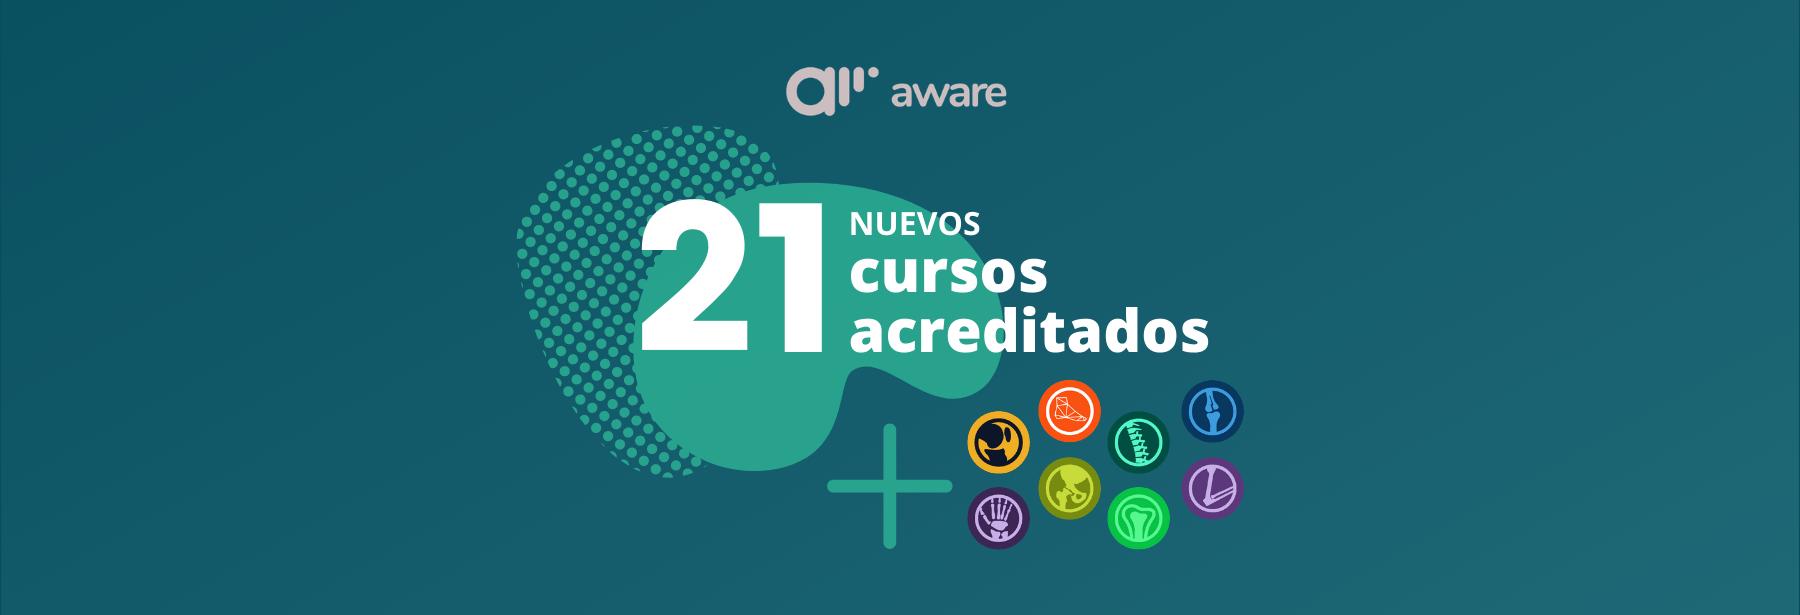 21 nuevos cursos reciben acreditaciones en aware.doctor